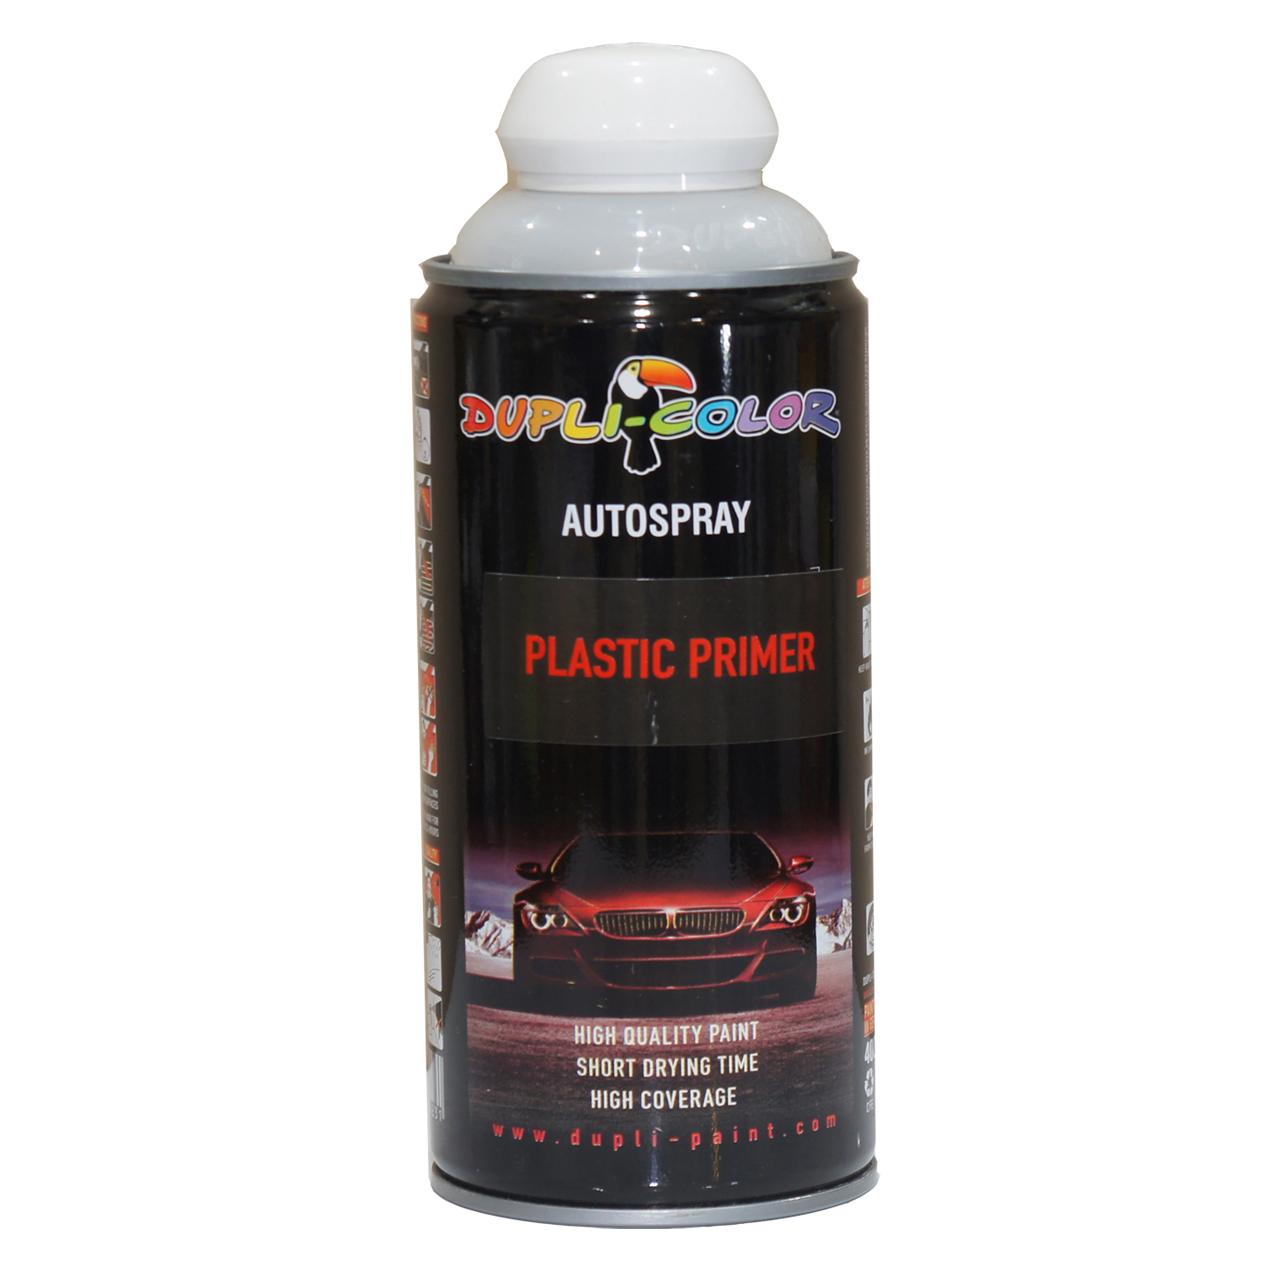 اسپری رنگ آستر پلاستیک دوپلی کالر مدل Plastic Primer حجم 400 میلی لیتری